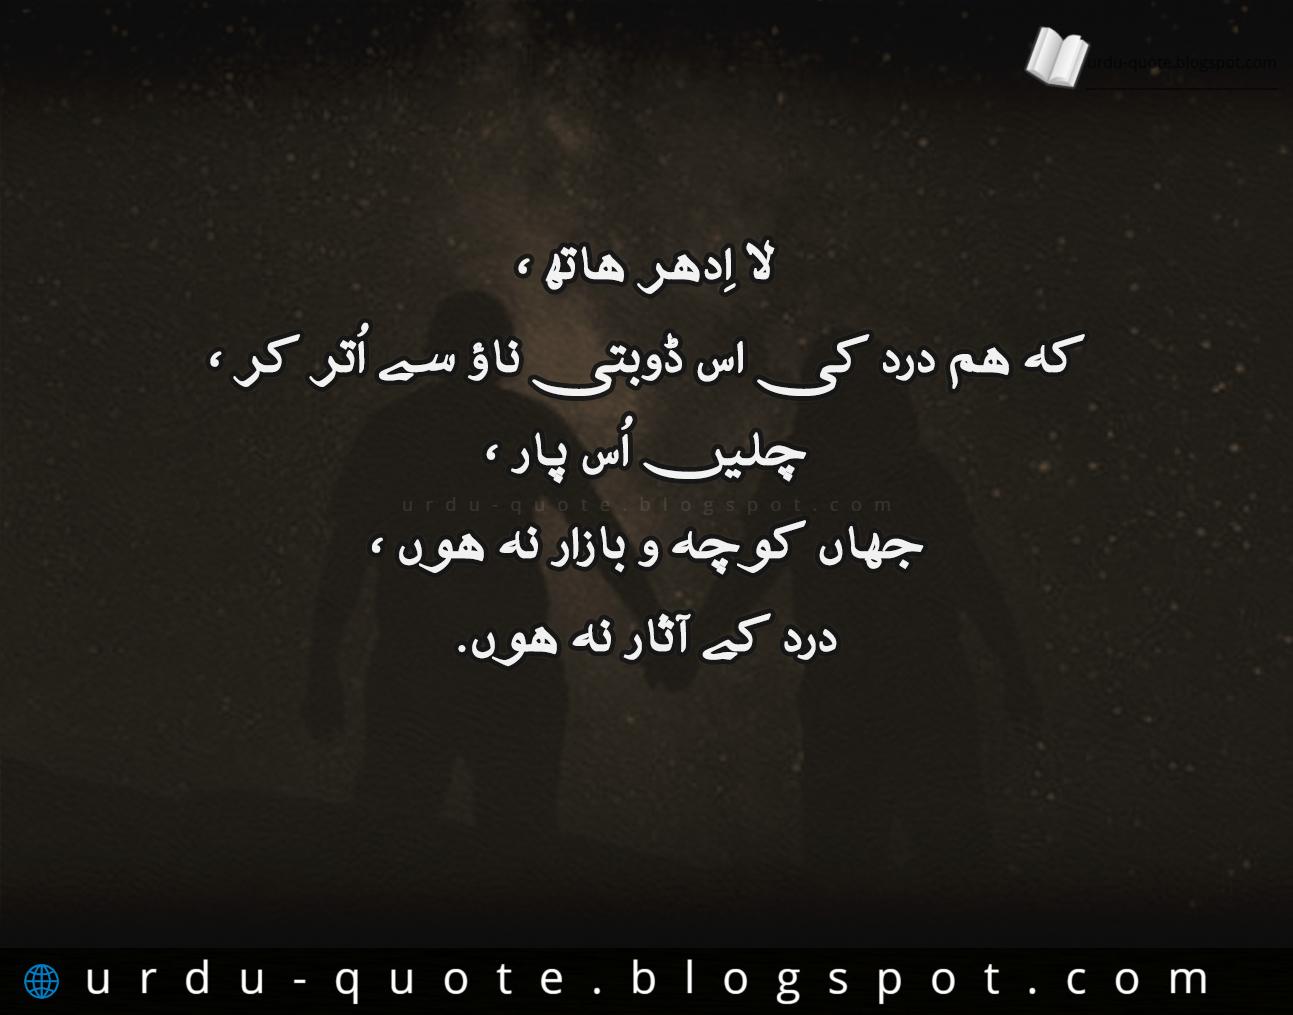 Urdu Quotes   Best Urdu Quotes   Famous Urdu Quotes: Urdu ...